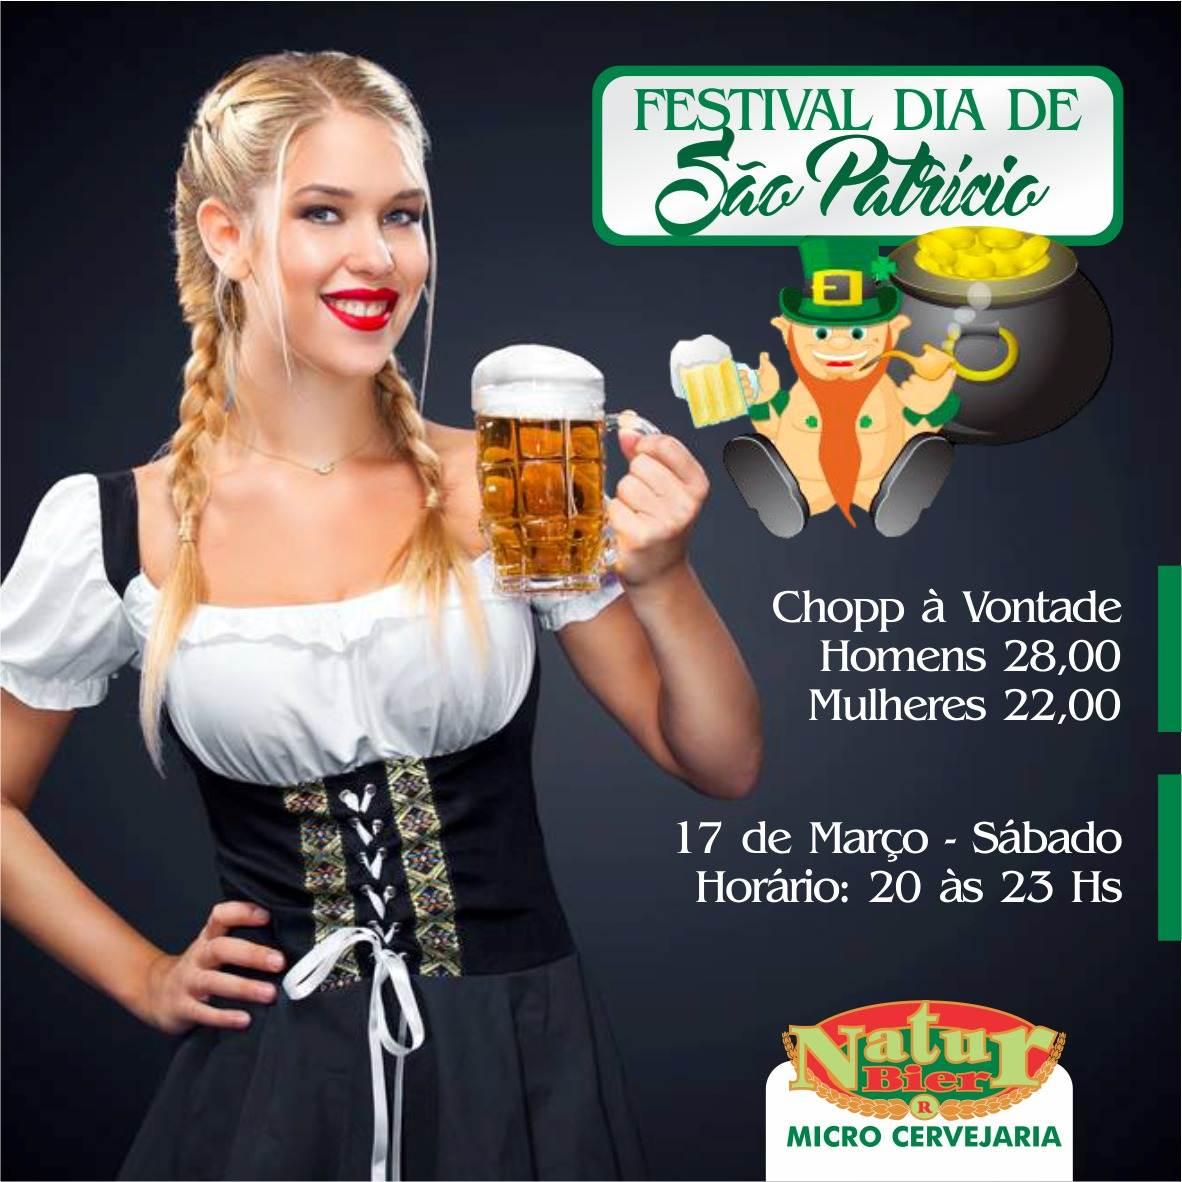 Natur Bier celebra Dia de São Patrício com chope alemão   Foto: Divulgação